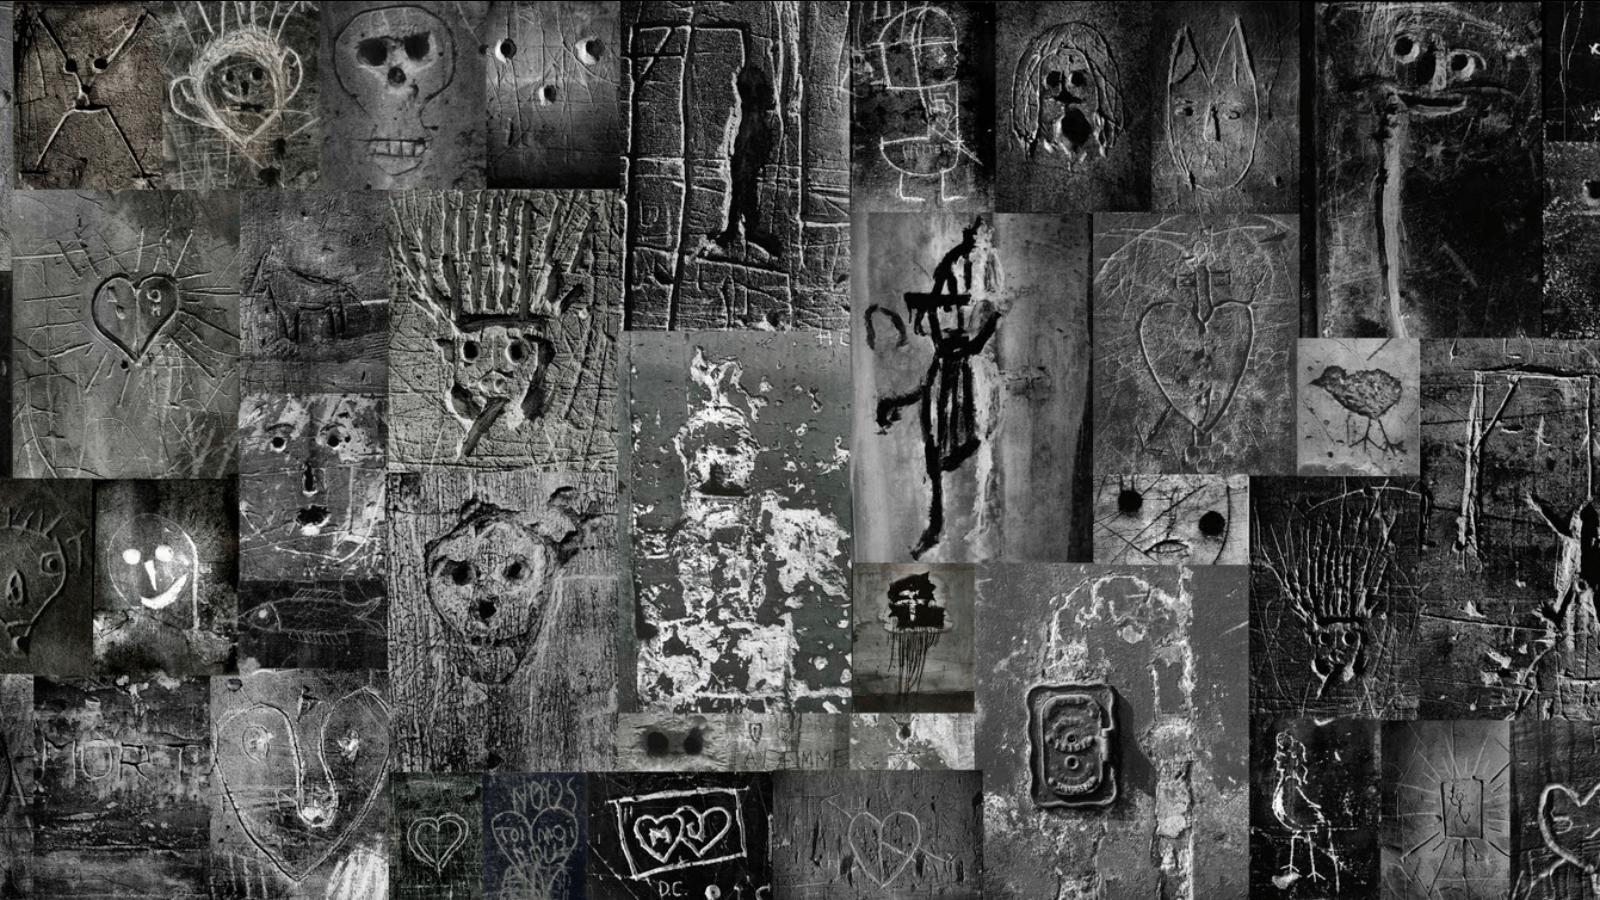 Brassaï, el fotógrafo que documentó el graffiti de los años 20